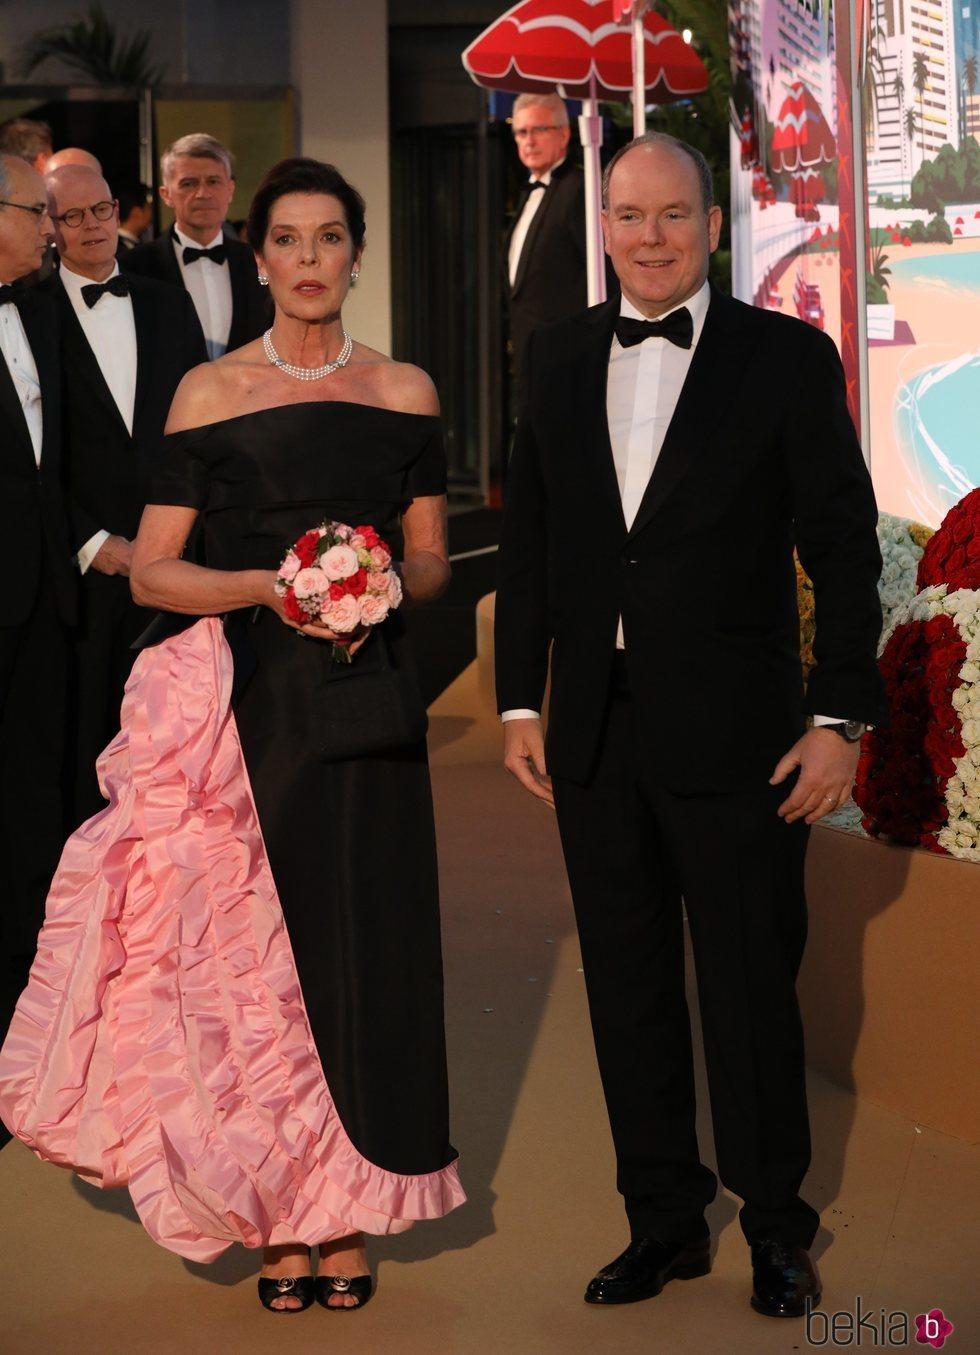 Carolina de Mónaco y Alberto de Mónaco en el Baile de la Rosa 2019